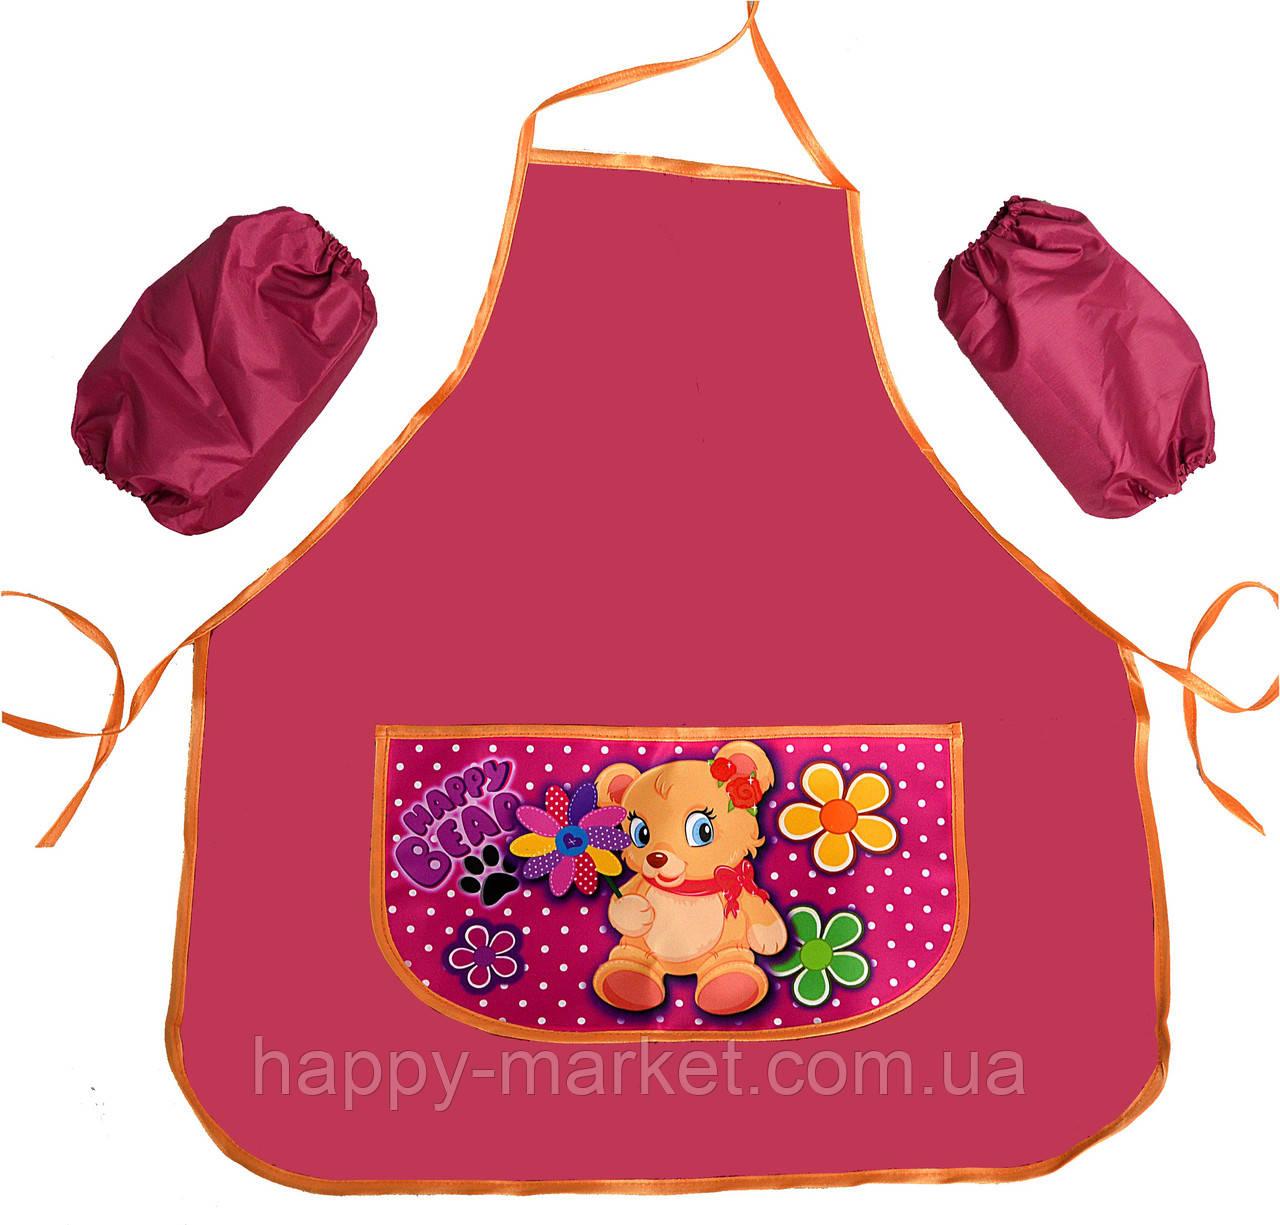 Фартук школьный для девочки Мишка с цветами Эконом 77824-4